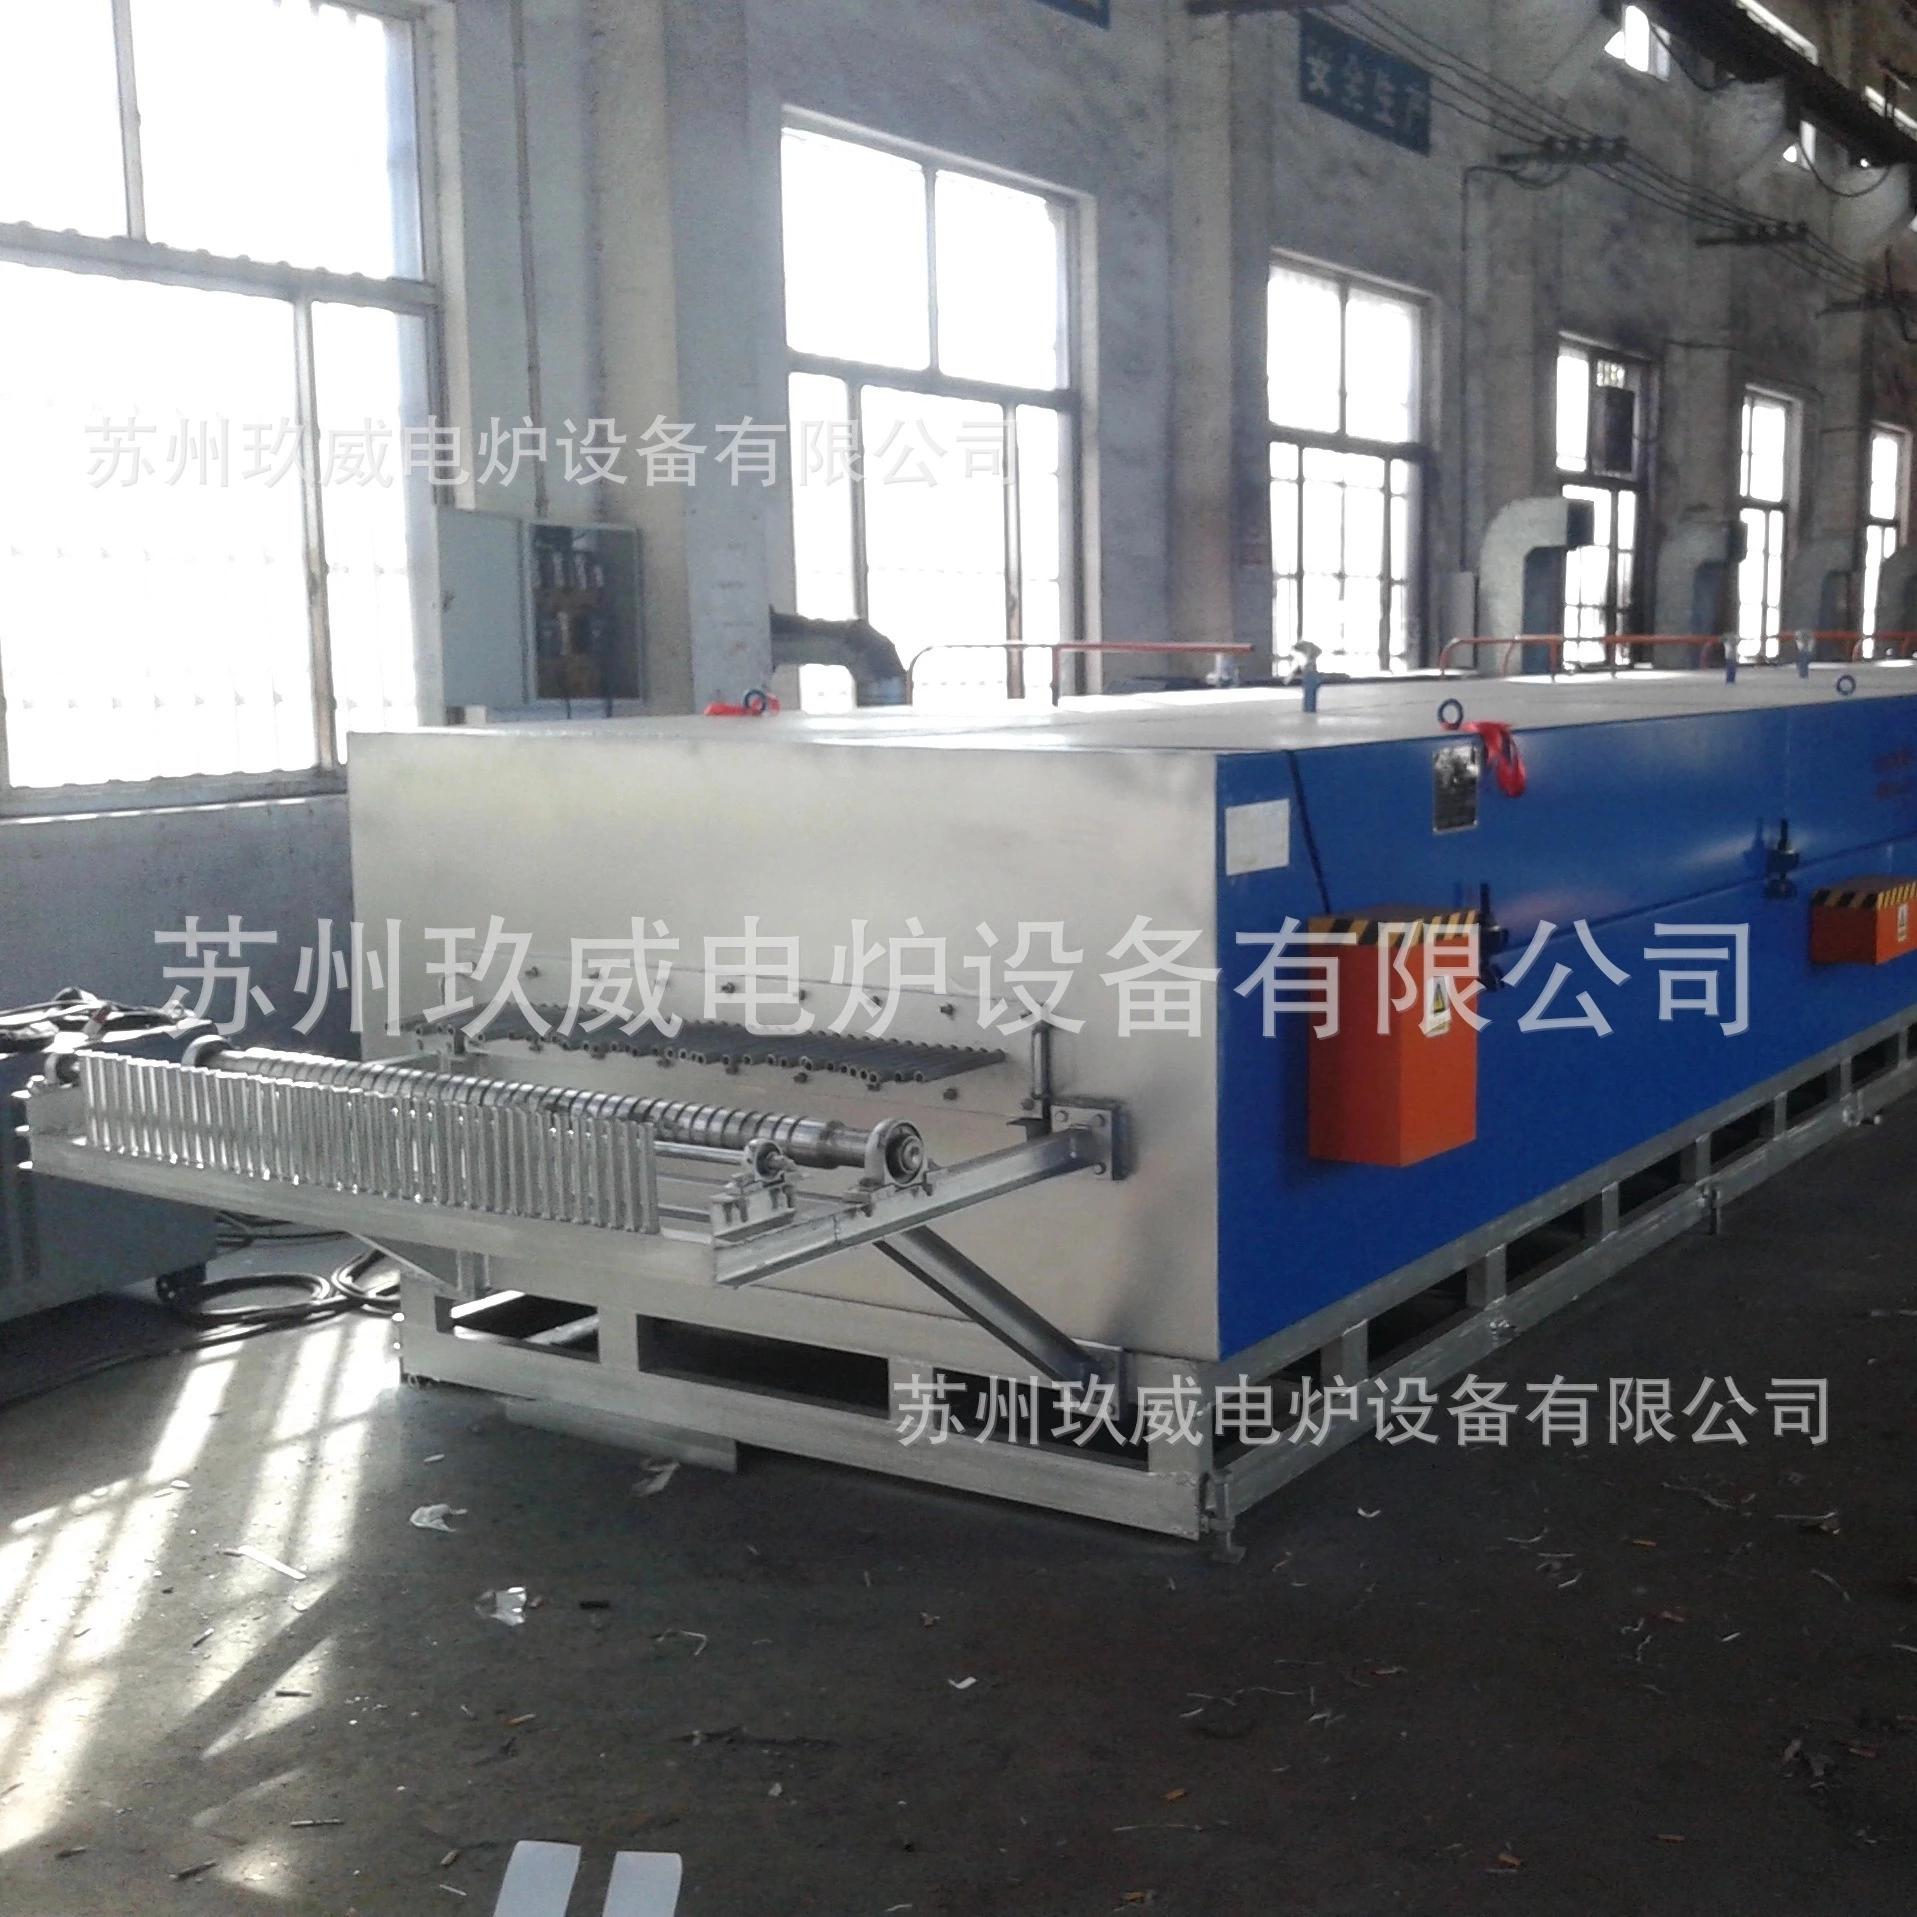 http://www.szjwdl.cn/data/images/product/20190220123426_505.jpg